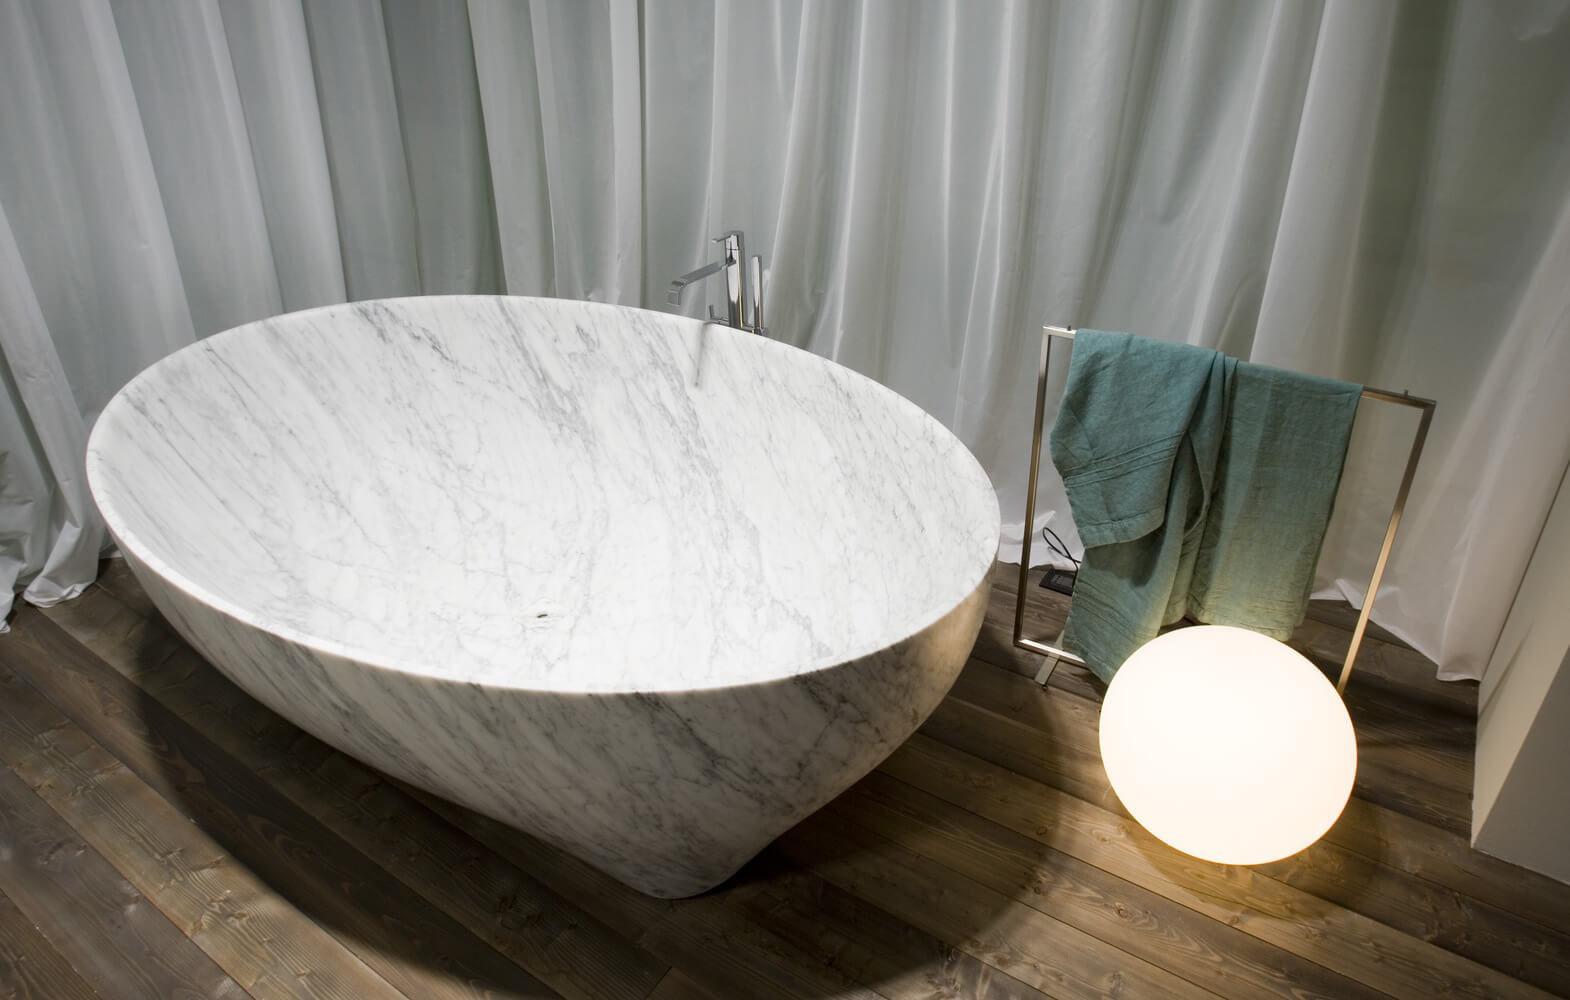 Vasca Da Bagno In Plastica : Vasca da bagno da appoggio ovale in marmo in plastica